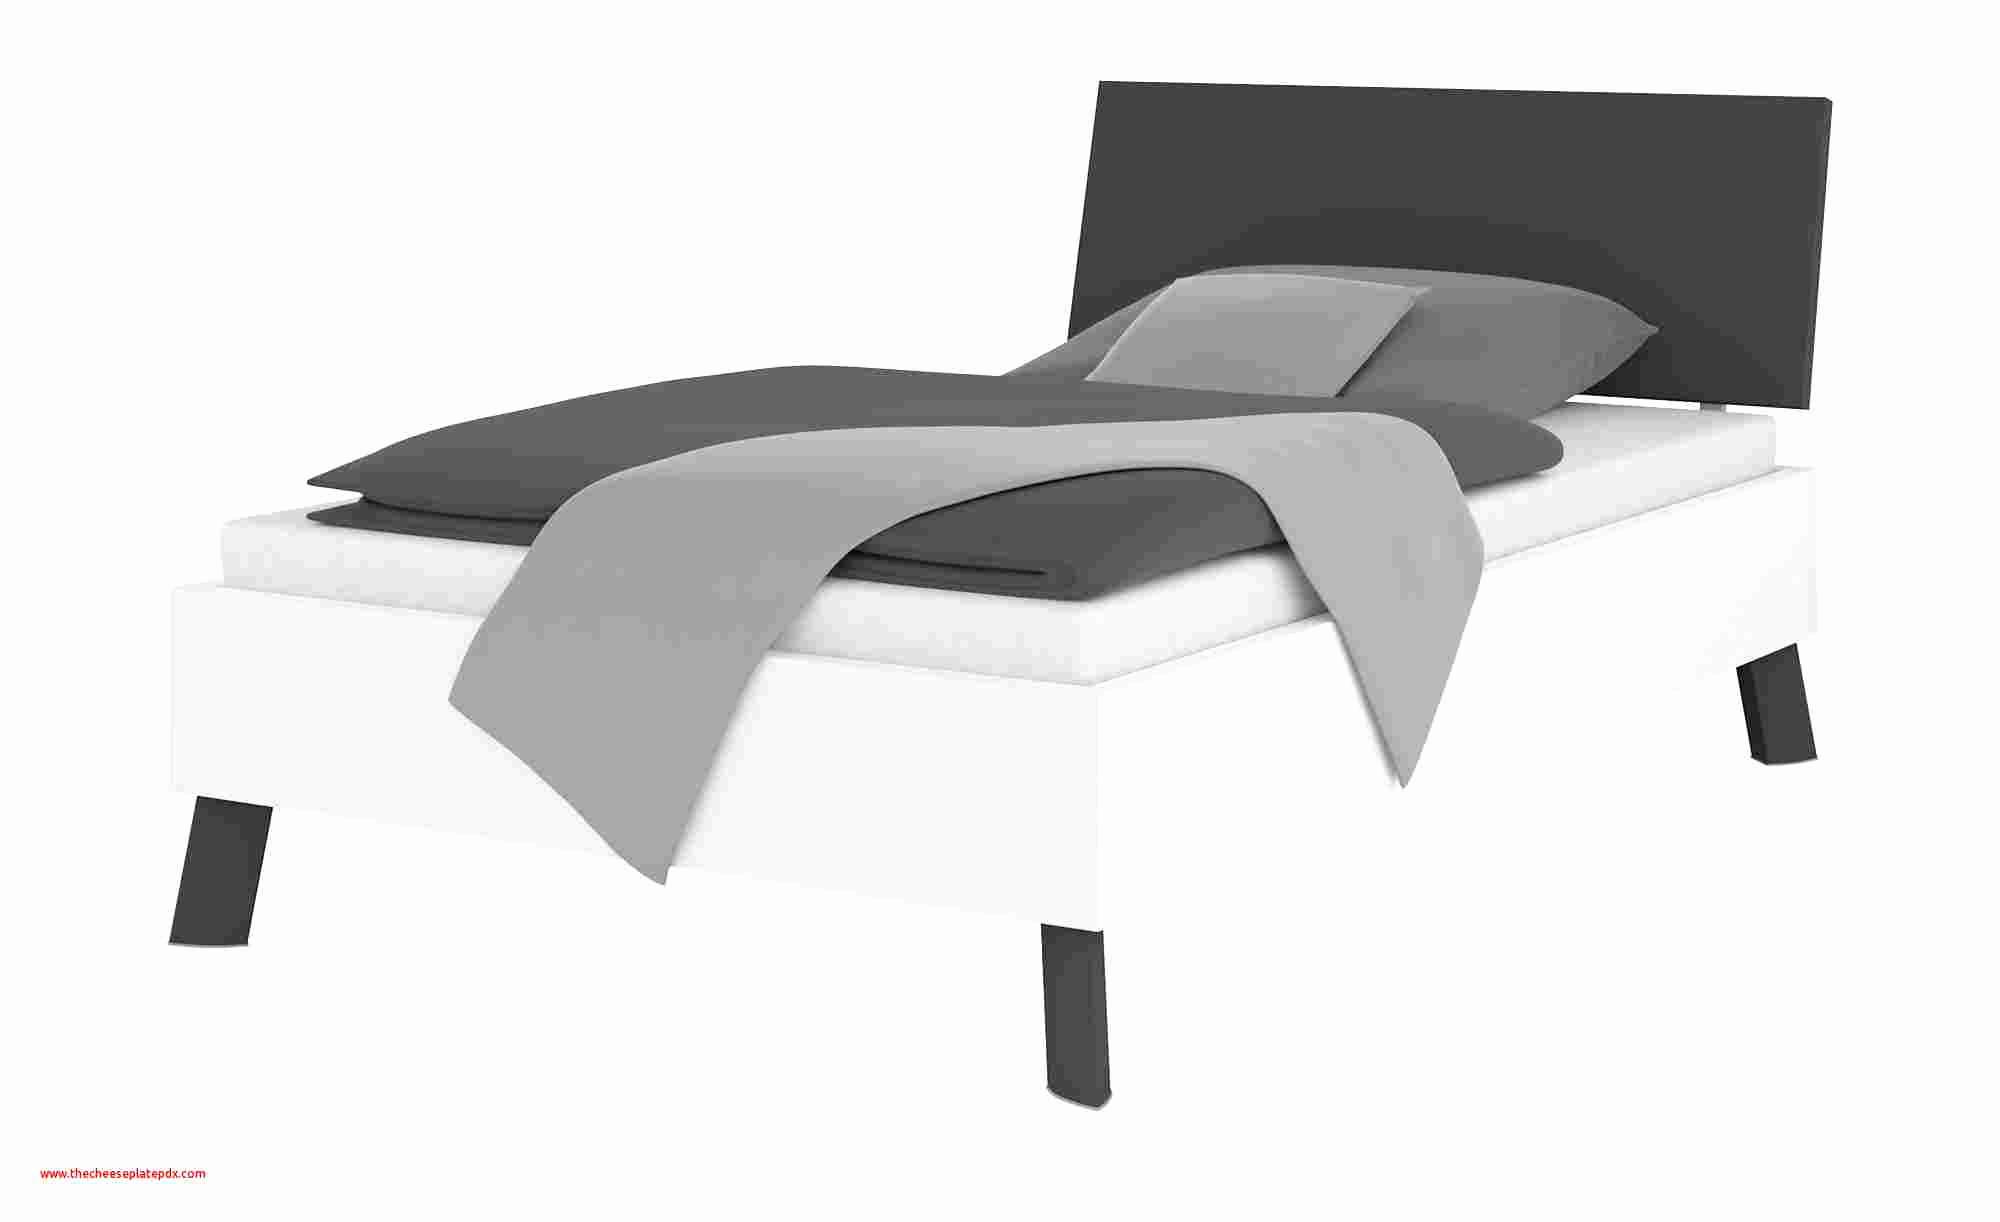 Full Size of Stauraum Bett 120x200 Ikea 35 Lovely Pics F1 Anleitung Beste Mbelideen Mit Hohem Kopfteil Leander Gebrauchte Betten Weißes Günstige Rauch 140x200 Wohnzimmer Stauraum Bett 120x200 Ikea